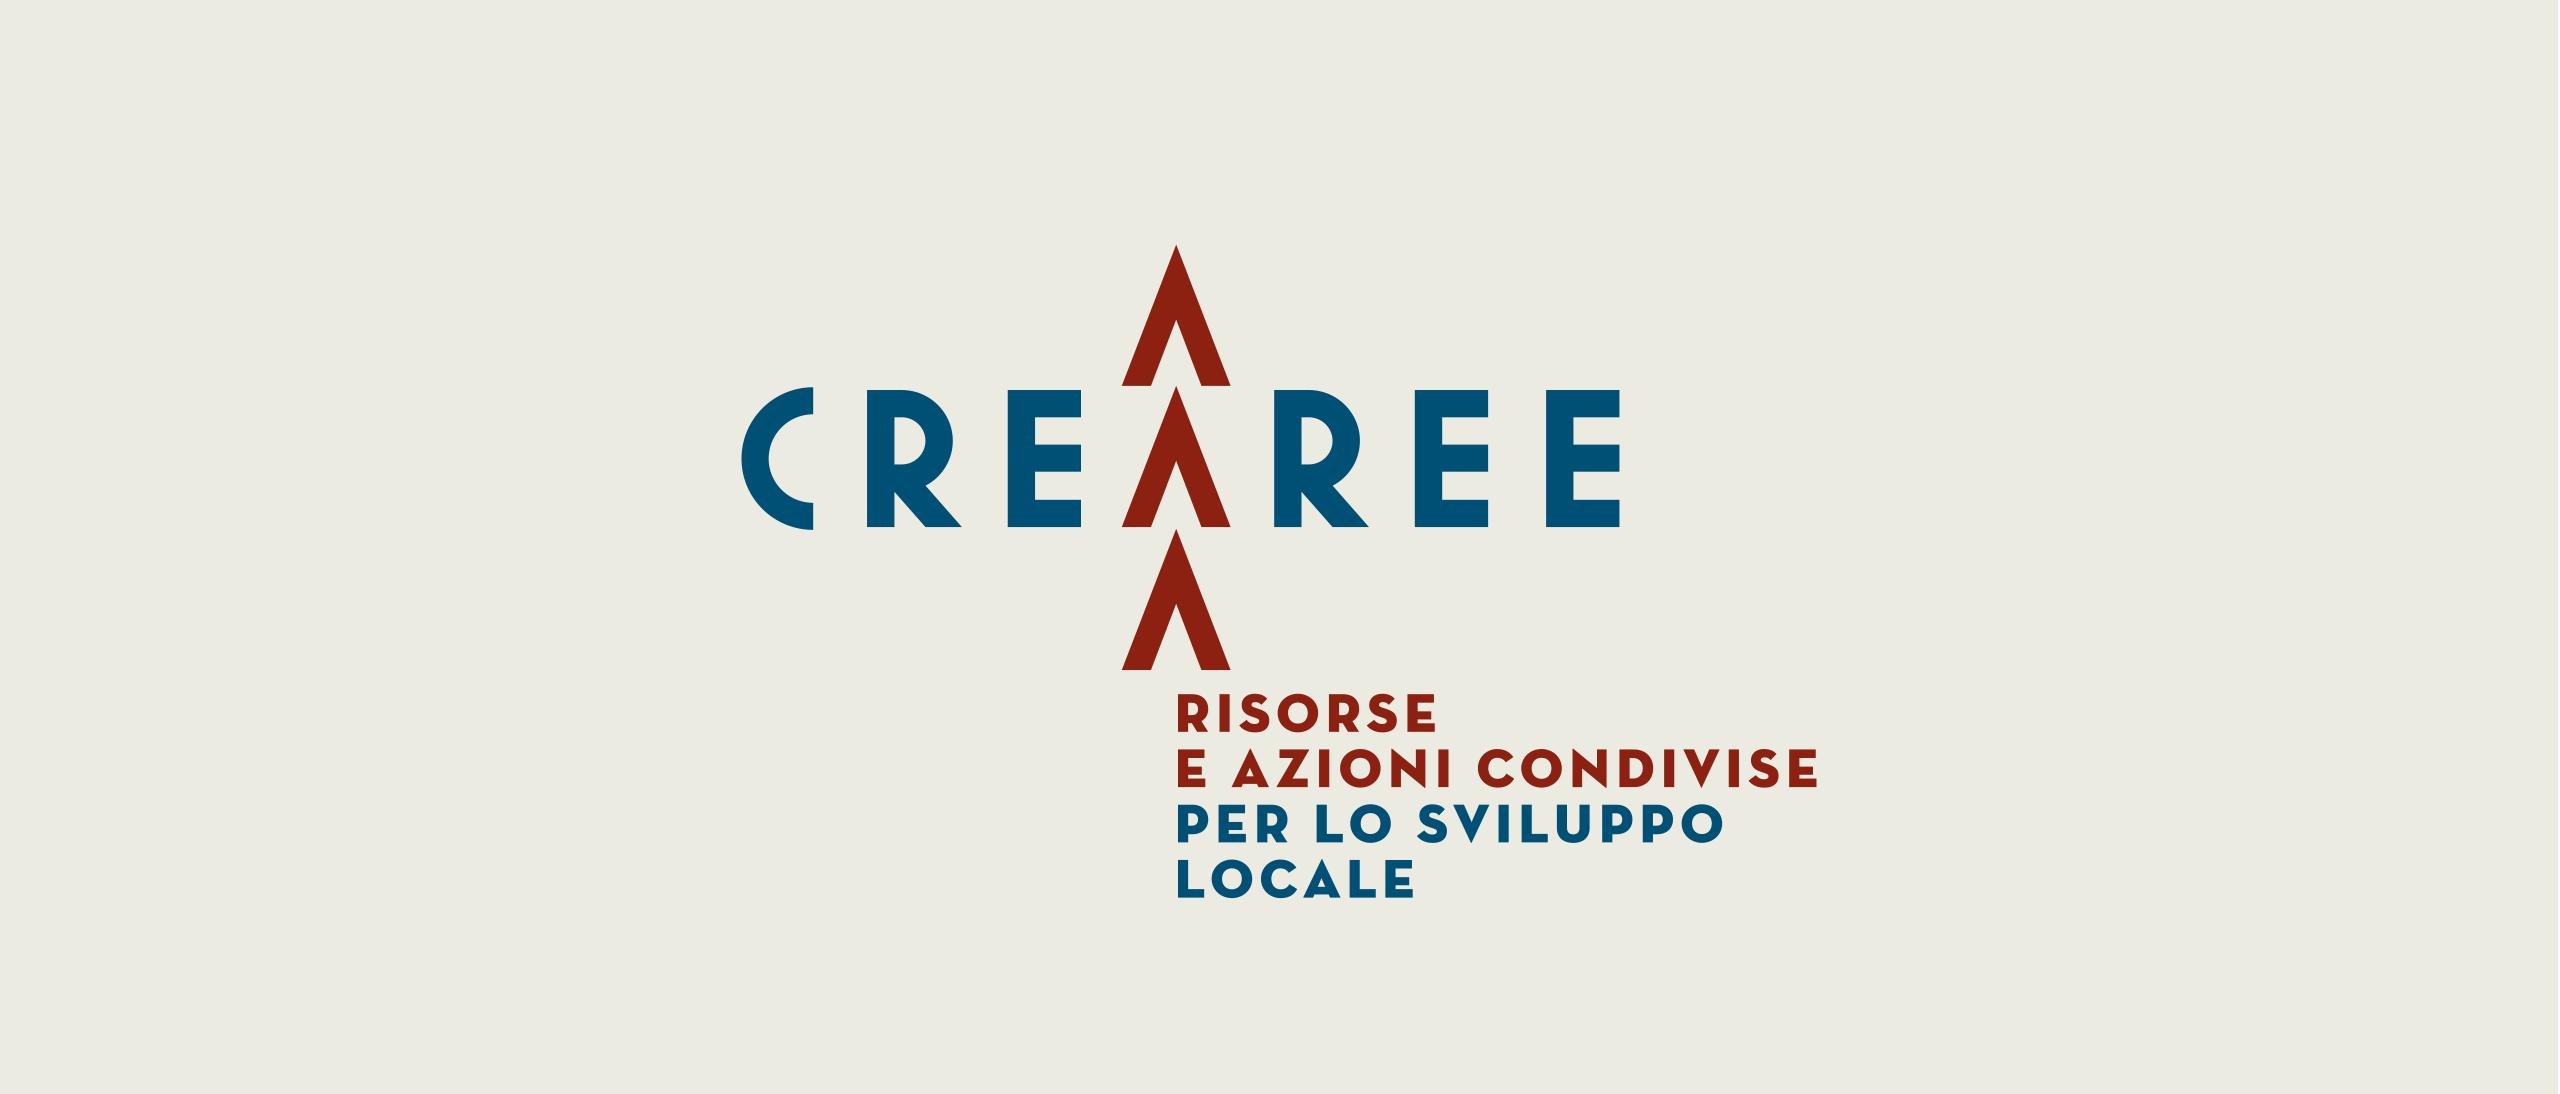 Crearee - Risorse e azioni condivise per lo sviluppo locale